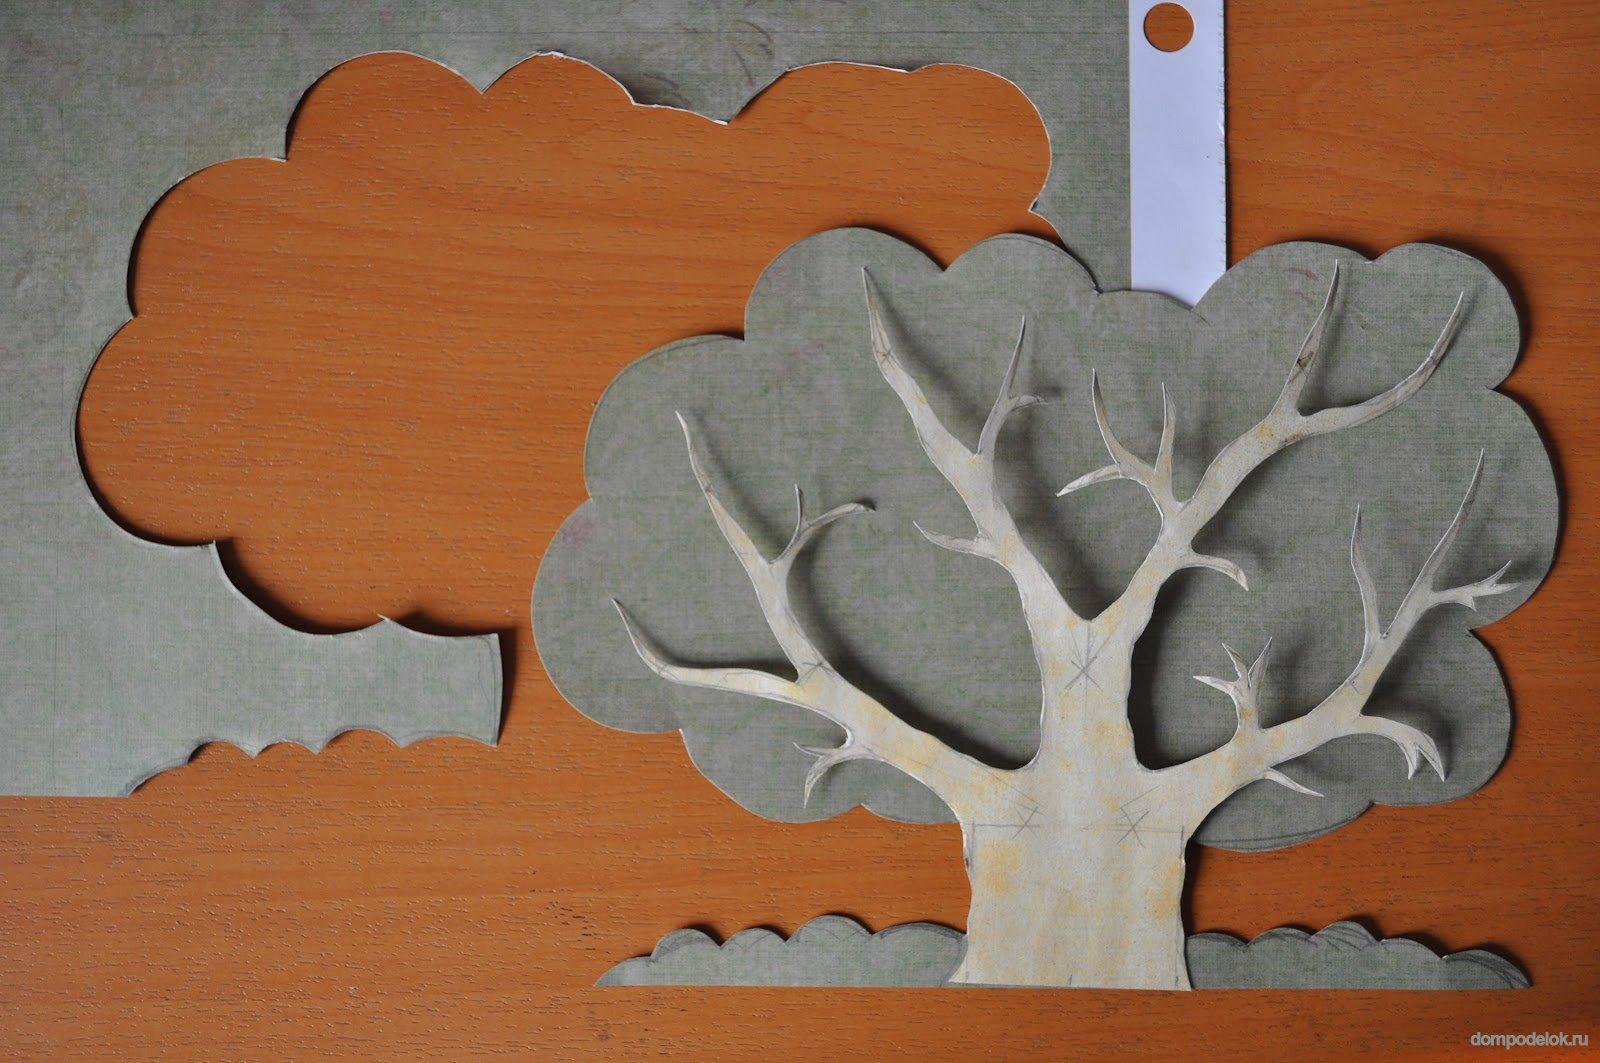 Как своими руками сделать генеалогическое дерево своими руками фото 380